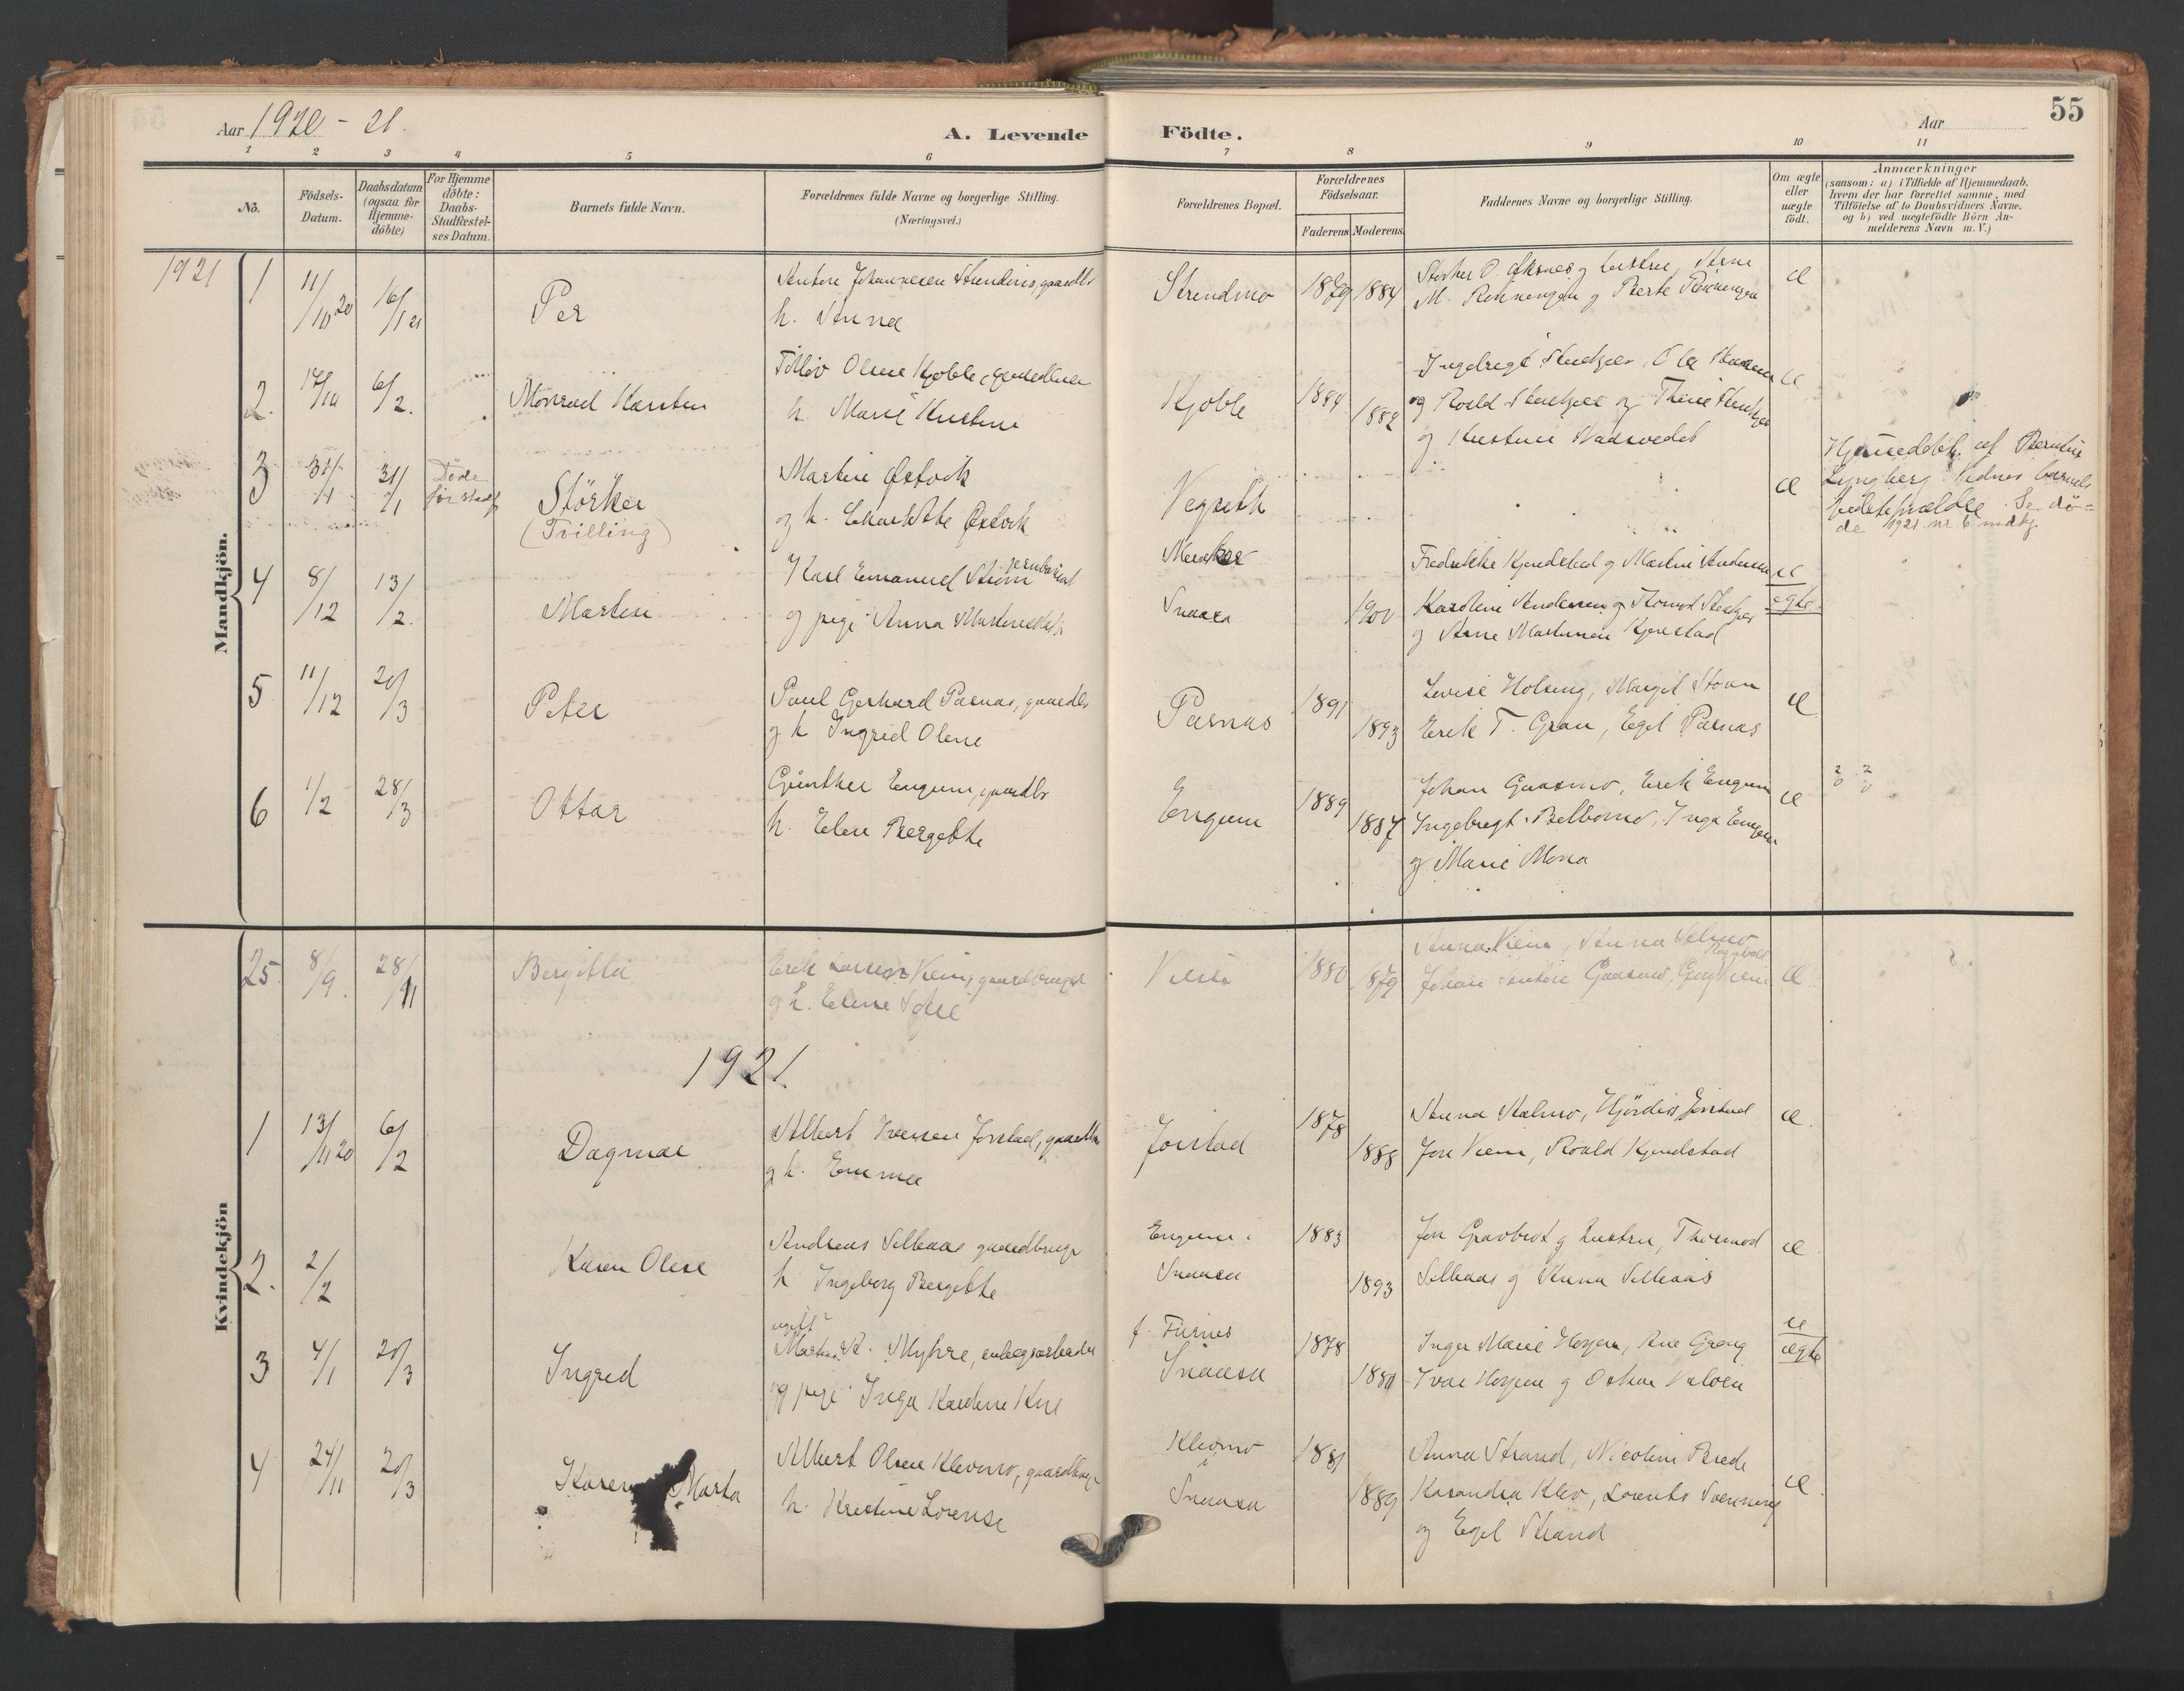 SAT, Ministerialprotokoller, klokkerbøker og fødselsregistre - Nord-Trøndelag, 749/L0477: Ministerialbok nr. 749A11, 1902-1927, s. 55